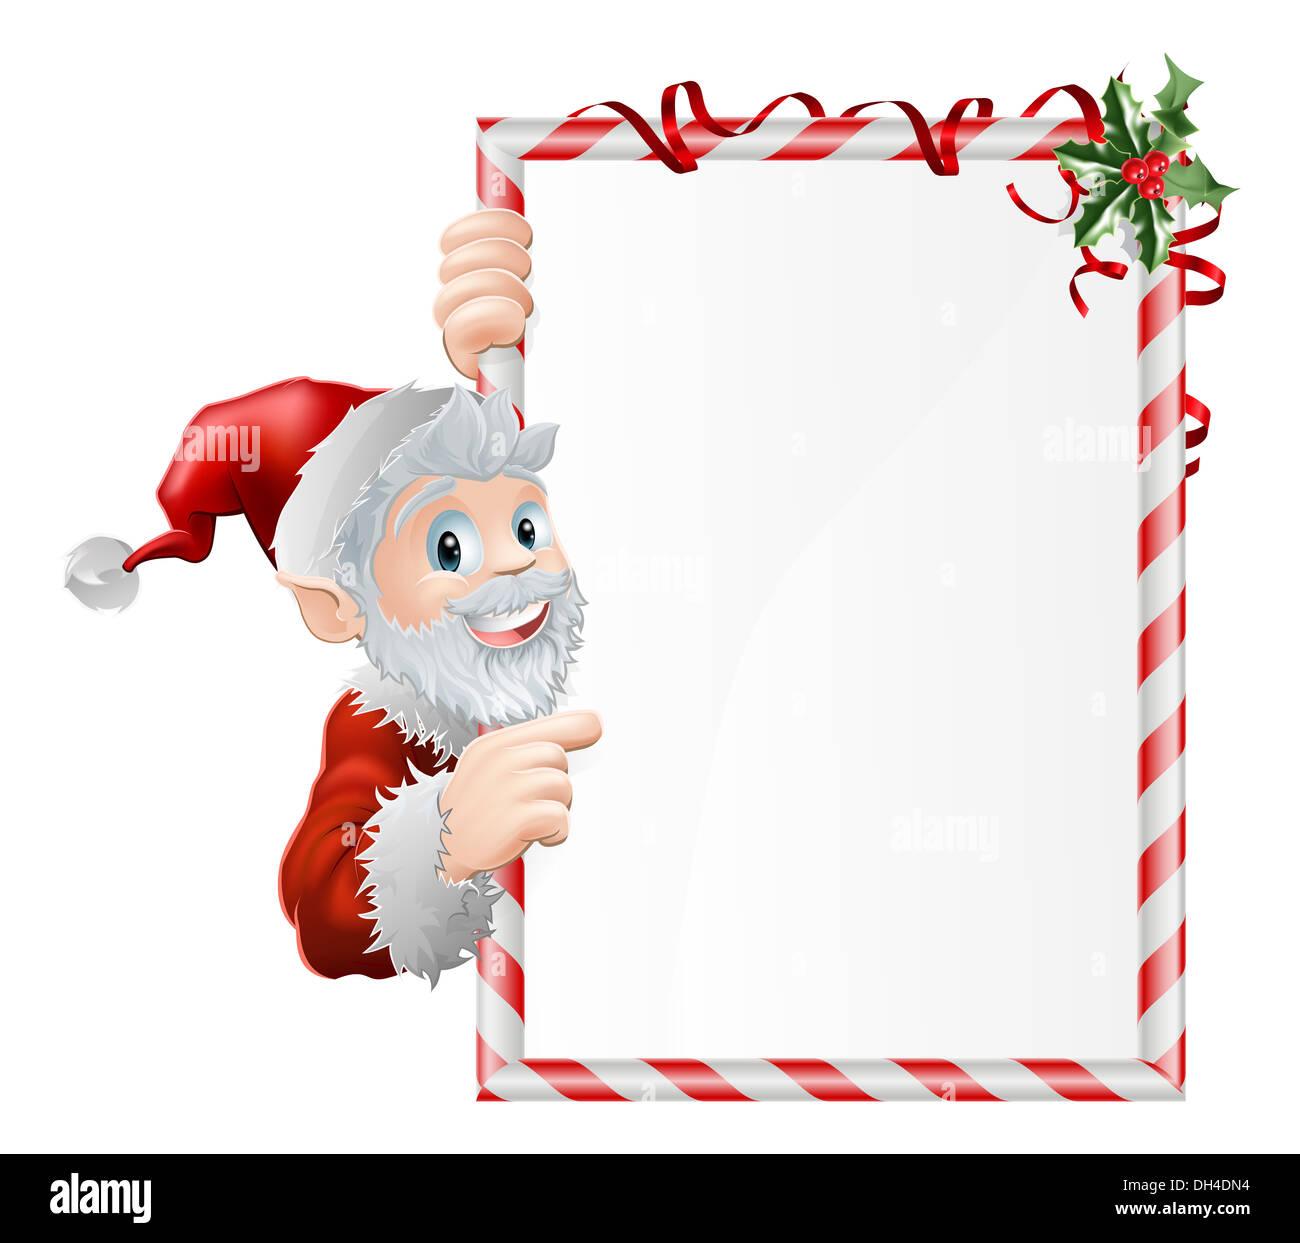 santa cartoon xmas sign graphic with santa claus pointing at the